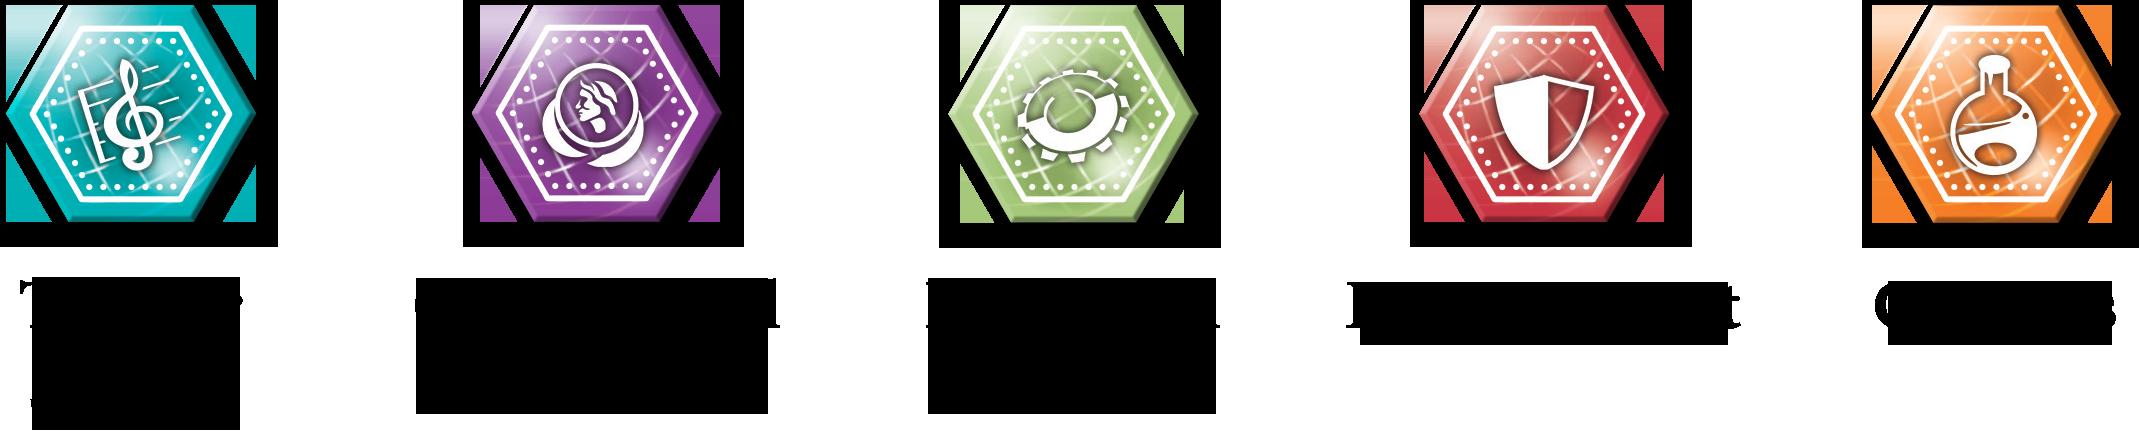 civ02 a1 diagram2 EnGarde - Vaidmenų Žaidimai